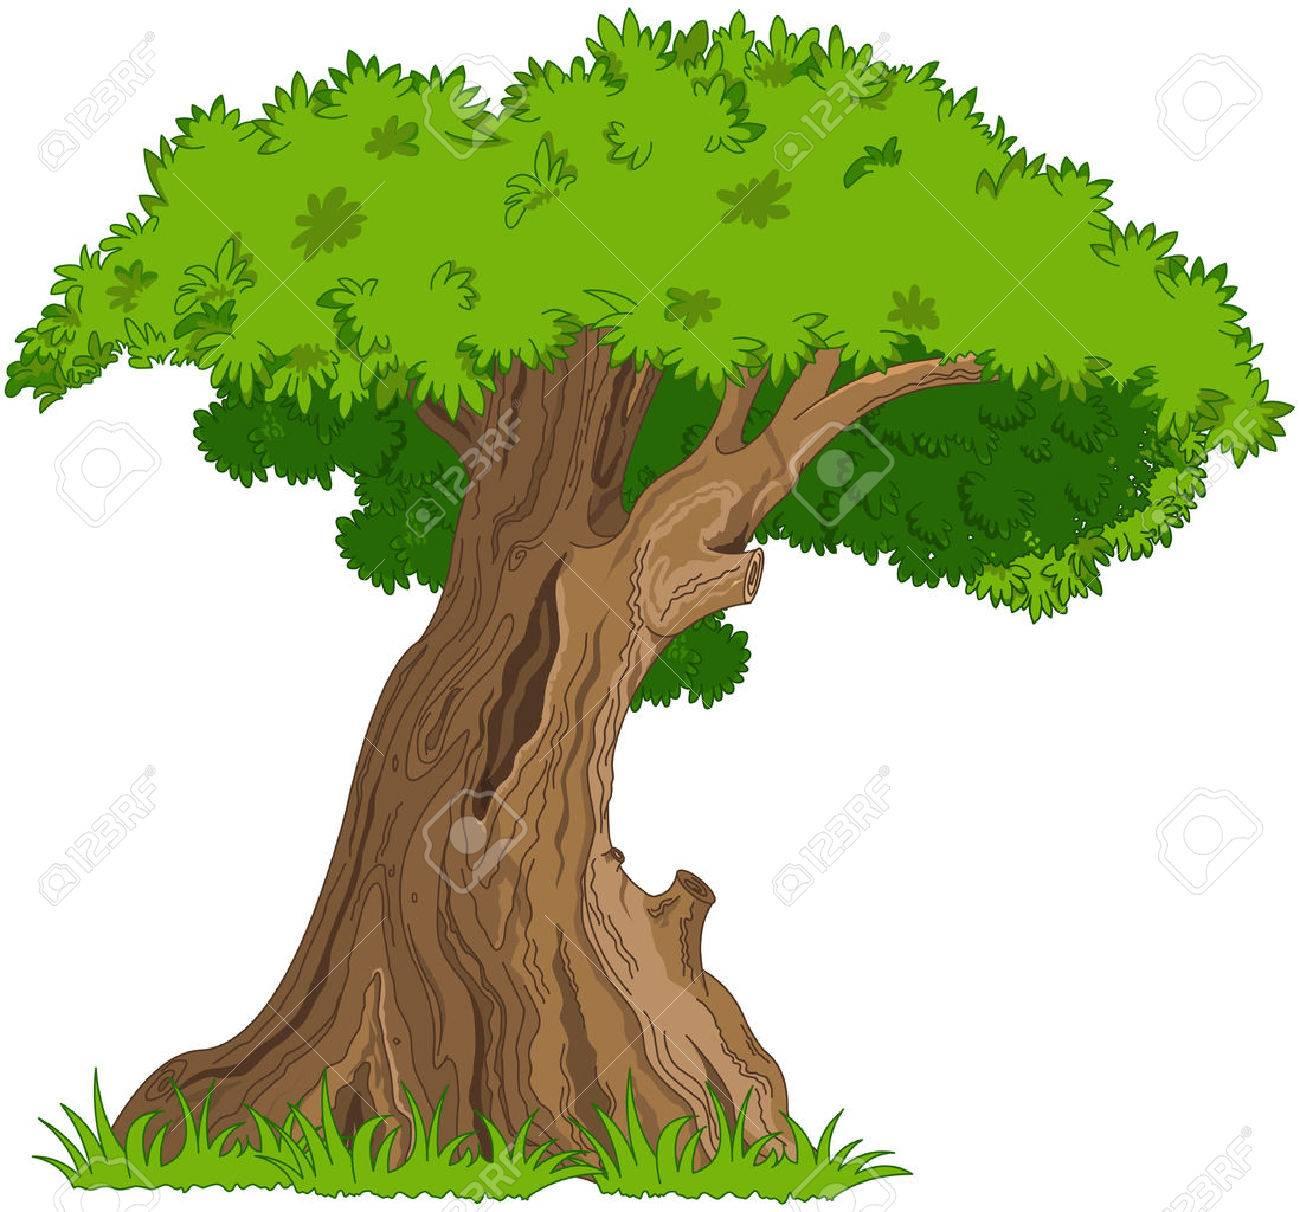 非常に古い樫の木のイラストのイラスト素材ベクタ Image 35588780